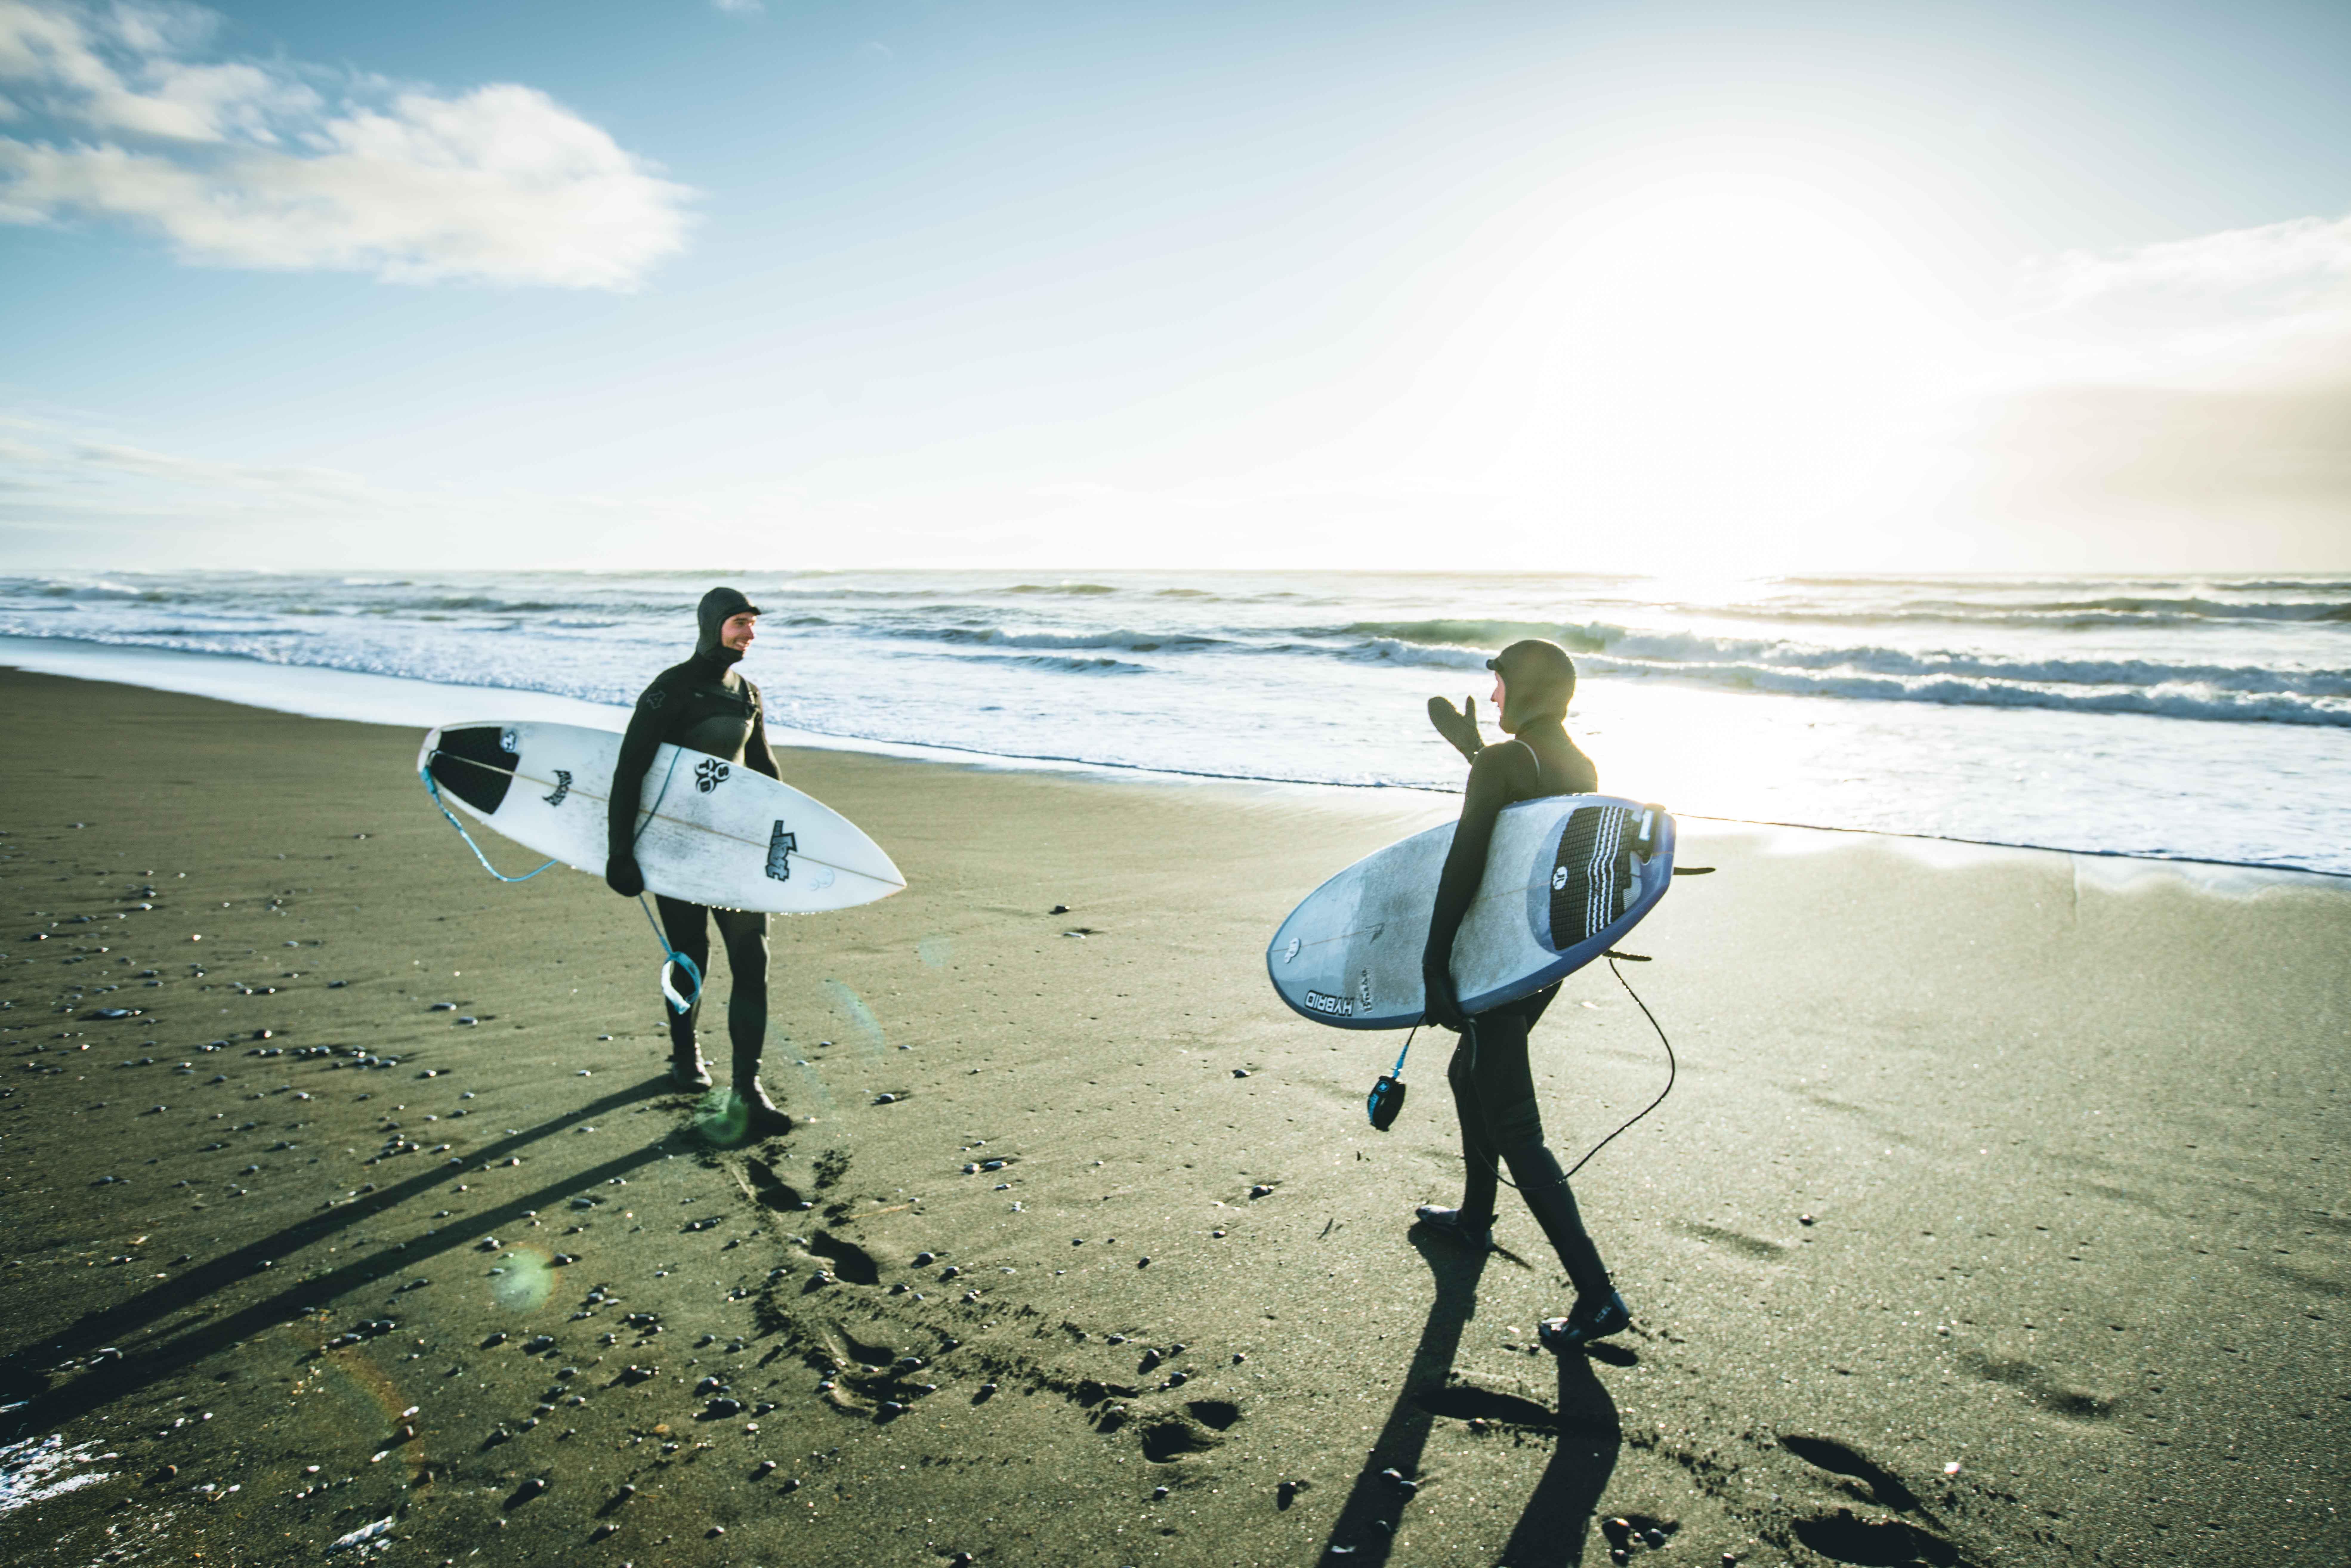 Island Surftrip Reisen Urlaub Wellenreiten12